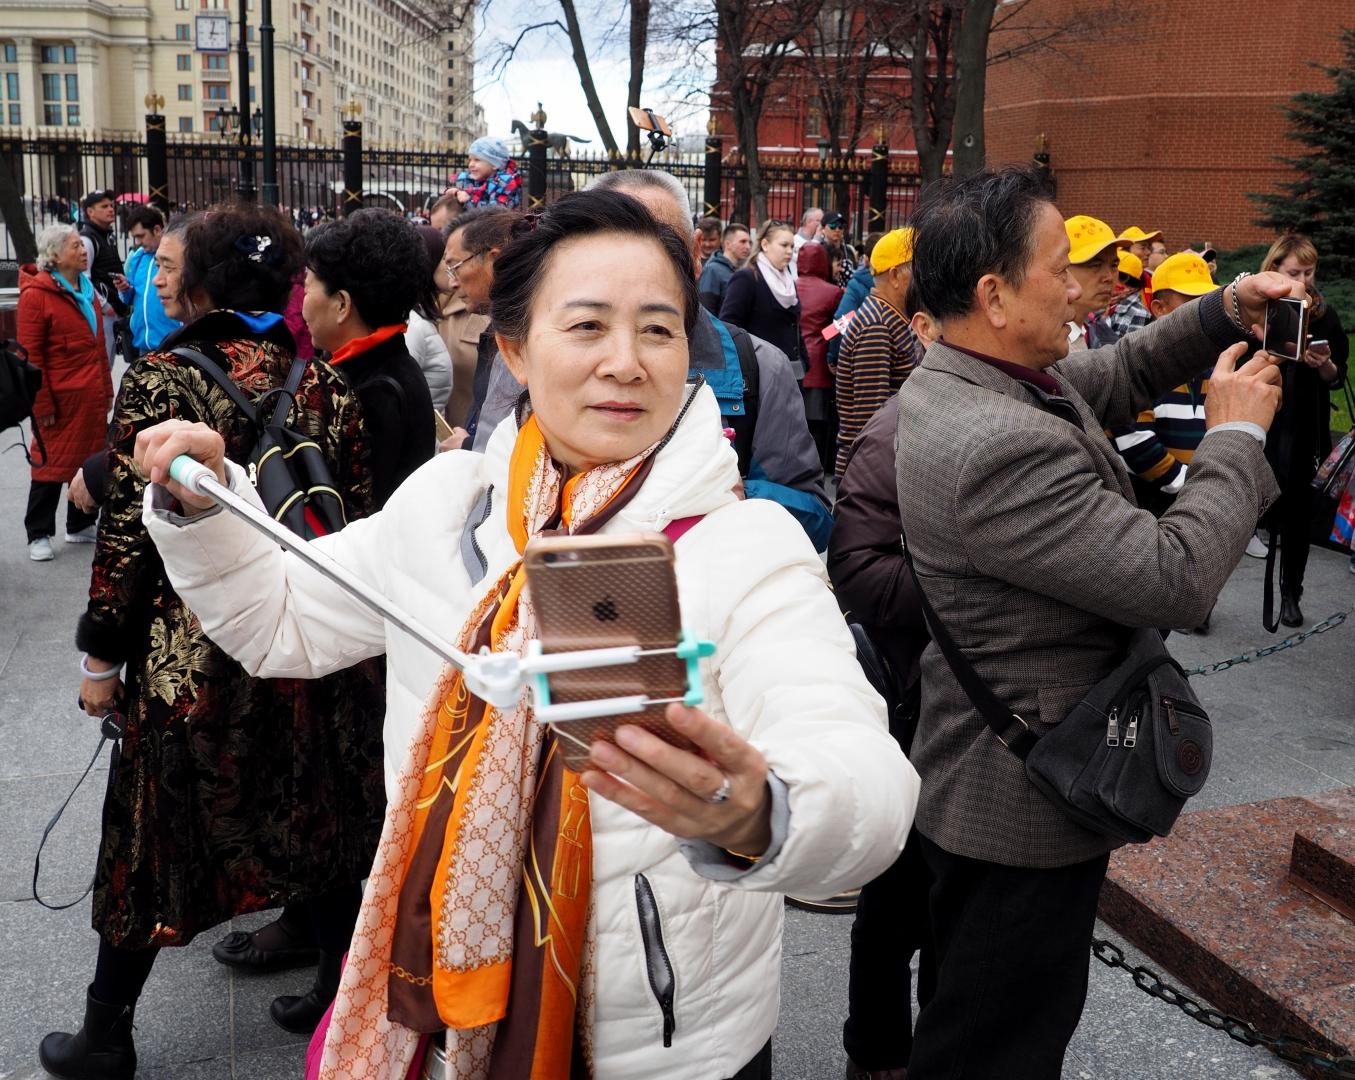 Китайские туристы смешные фото